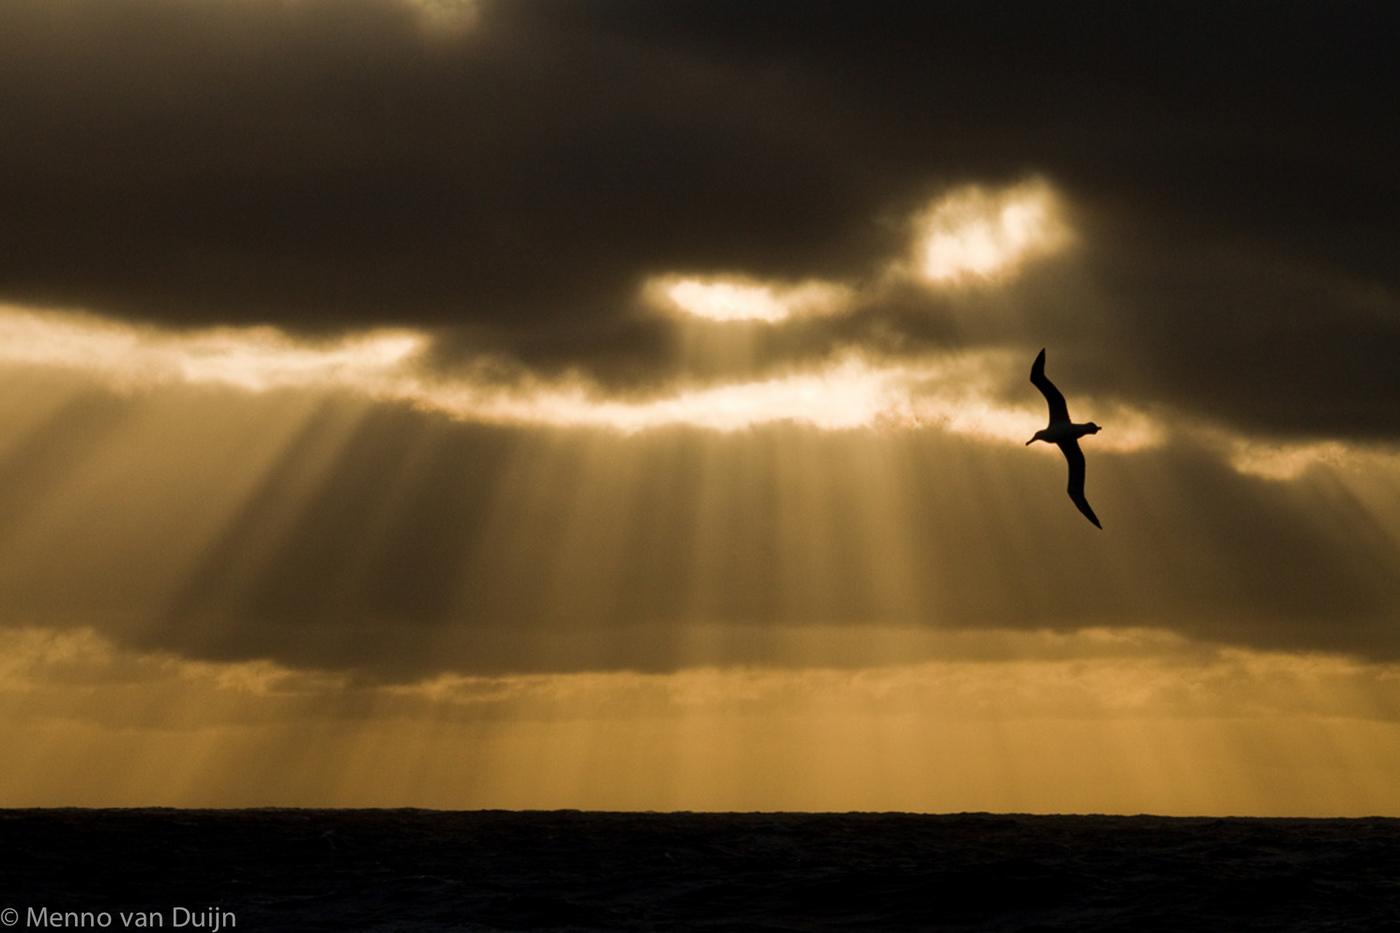 Wandering Albatross - Reuzenalbatros